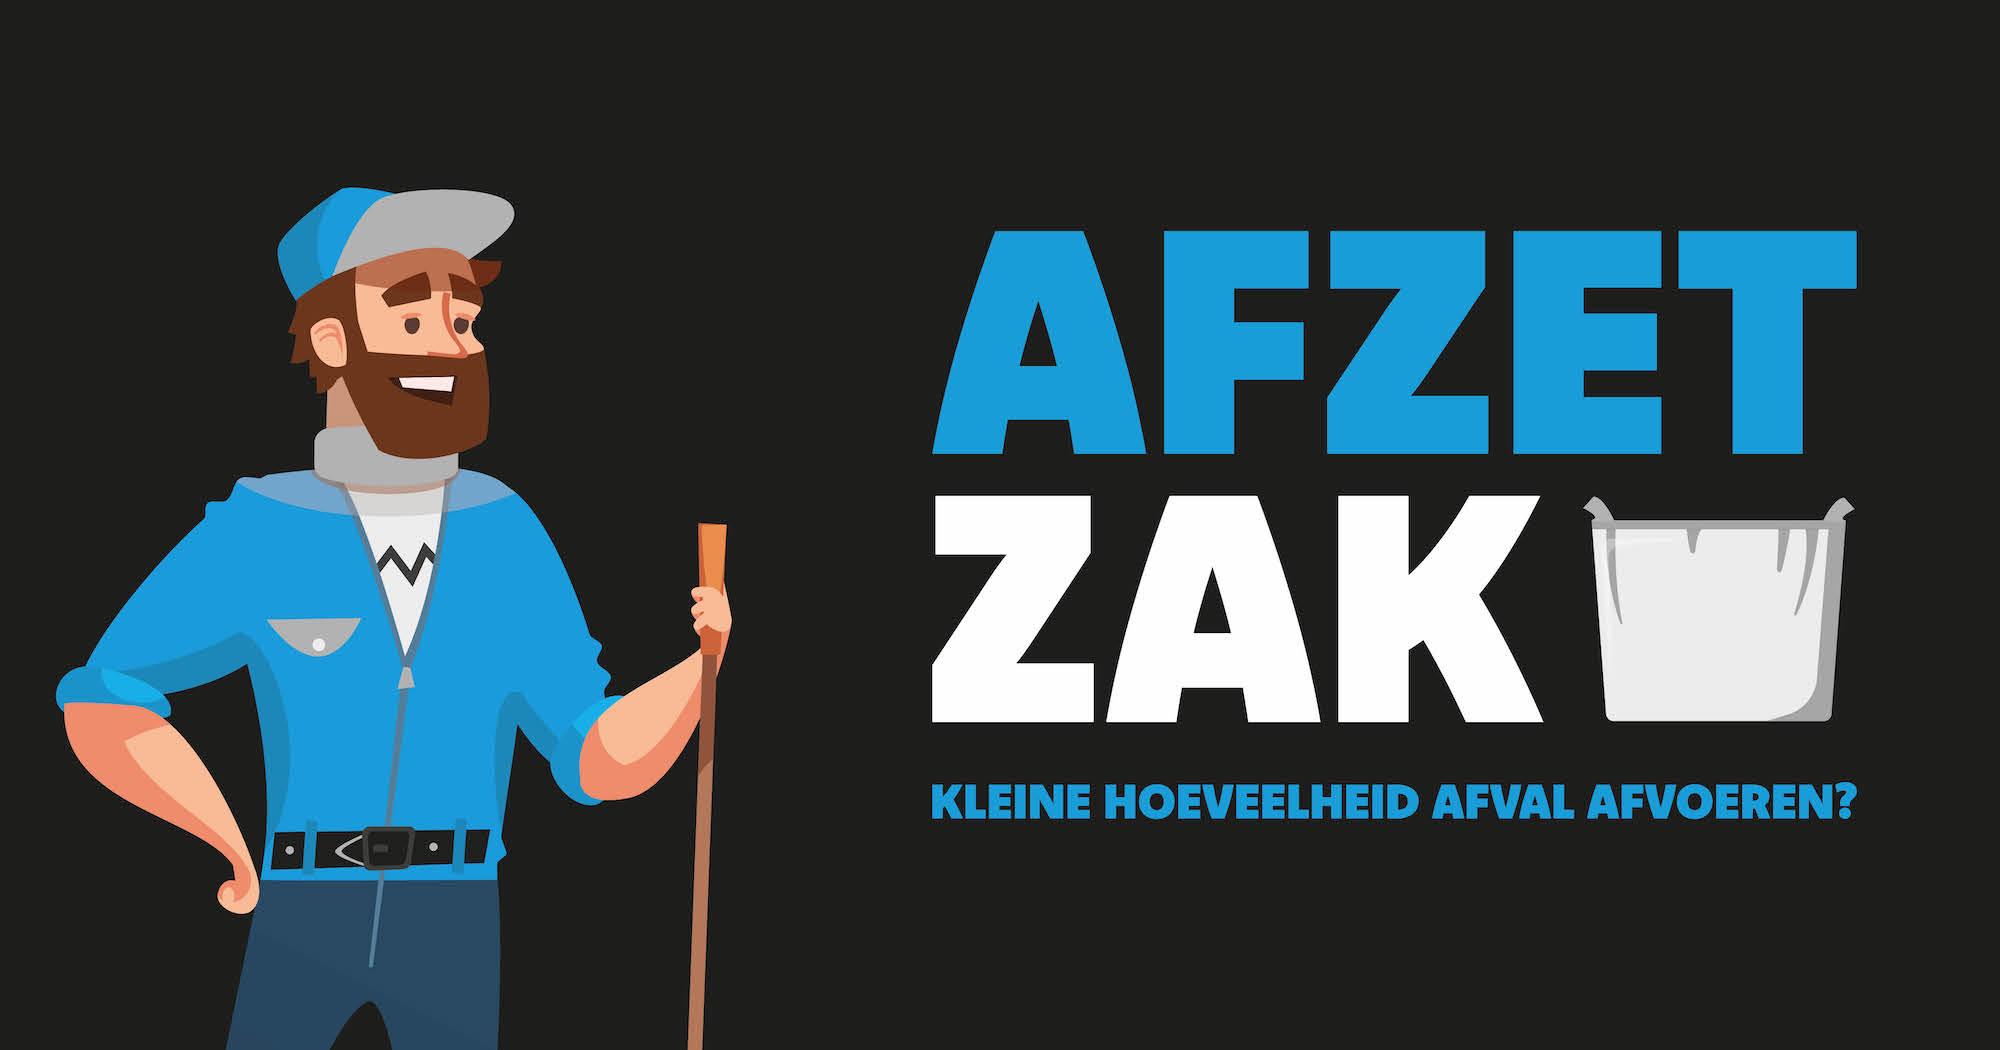 Afzetzak - ContainerHurenIn.nl